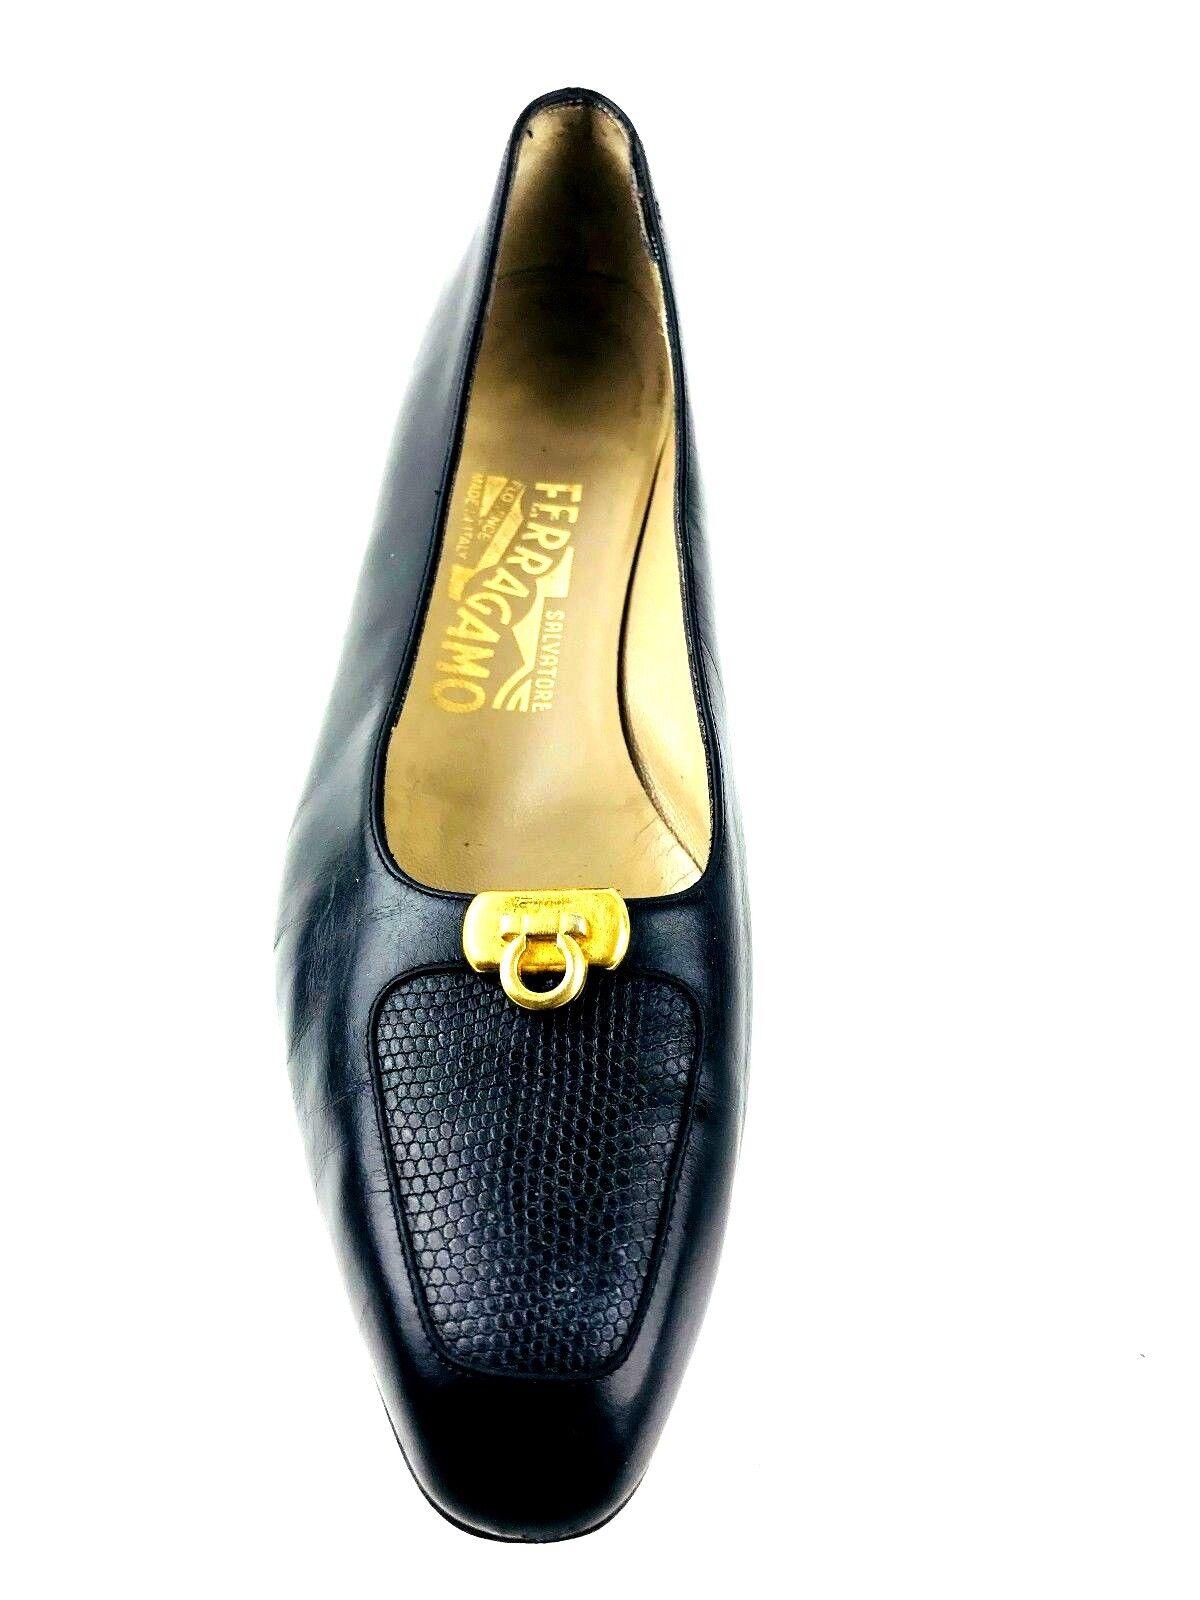 Salvatore Ferragamo Clásico Para Mujer Zapatos De Salón Salón Salón Negro nos EU. 8. 38.5. UK.6  diseñador en linea